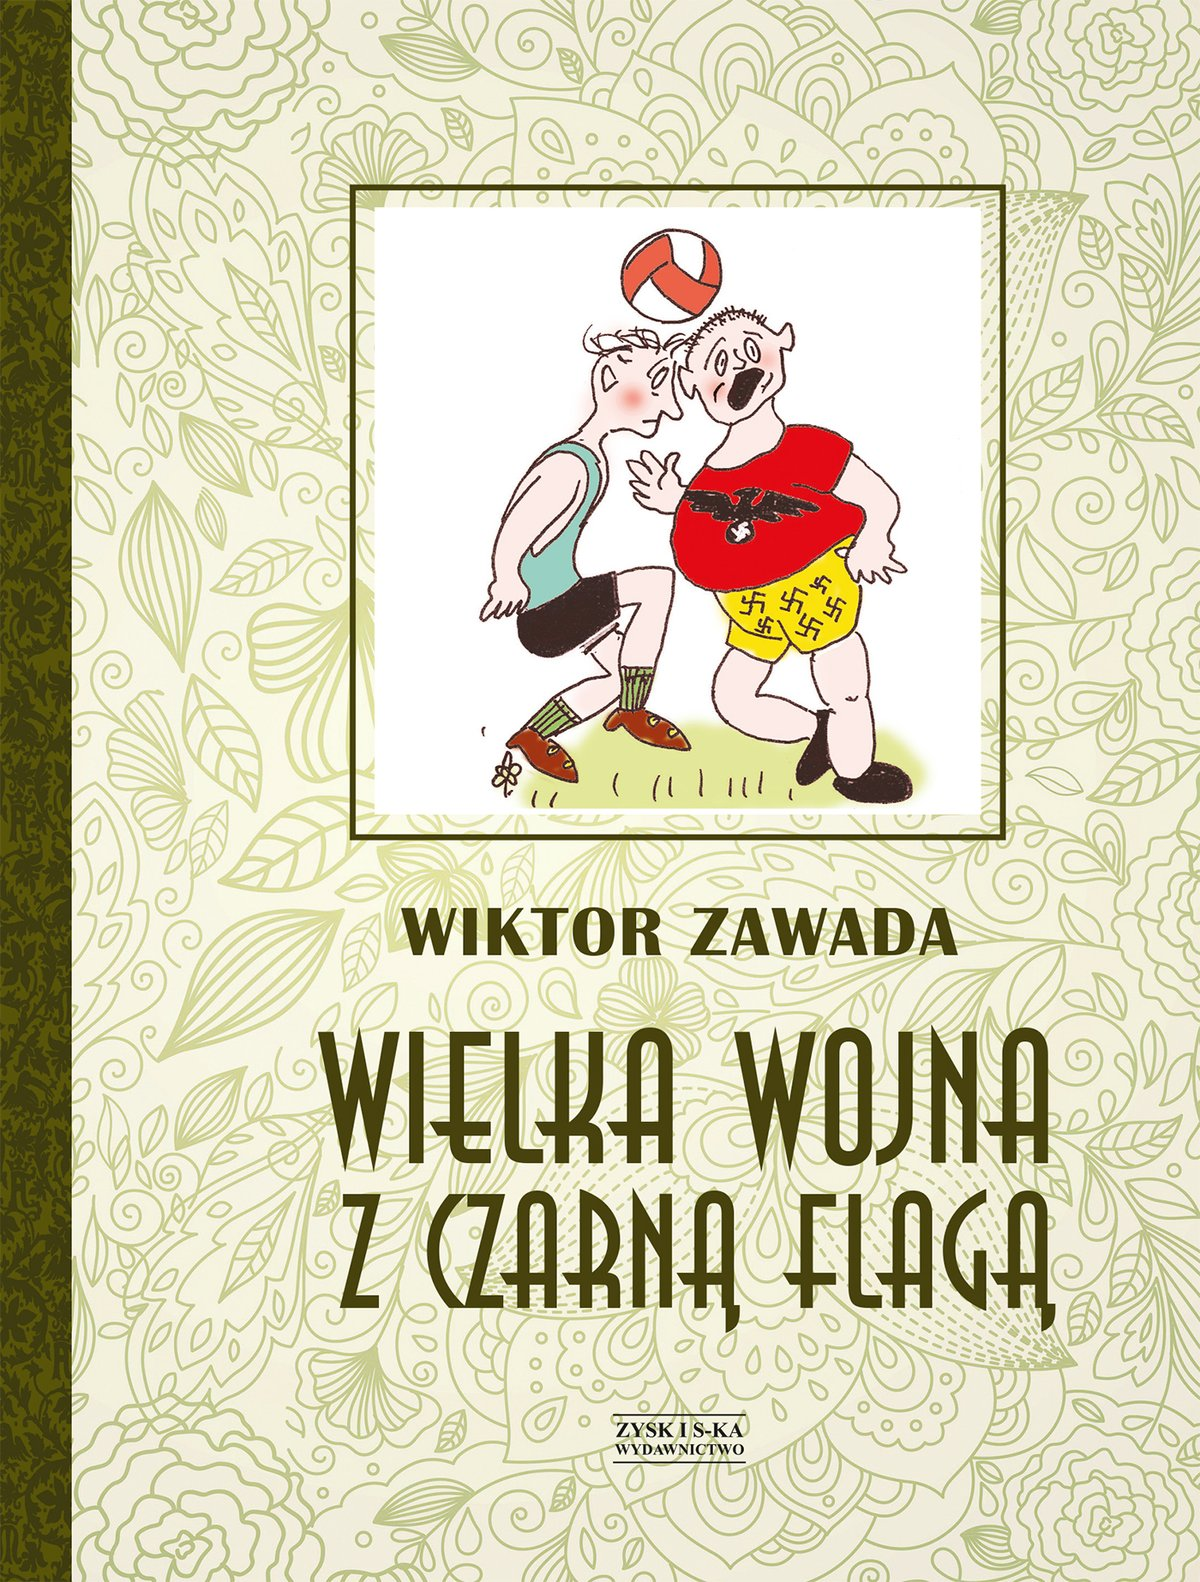 Wielka wojna z czarną flagą - Ebook (Książka EPUB) do pobrania w formacie EPUB